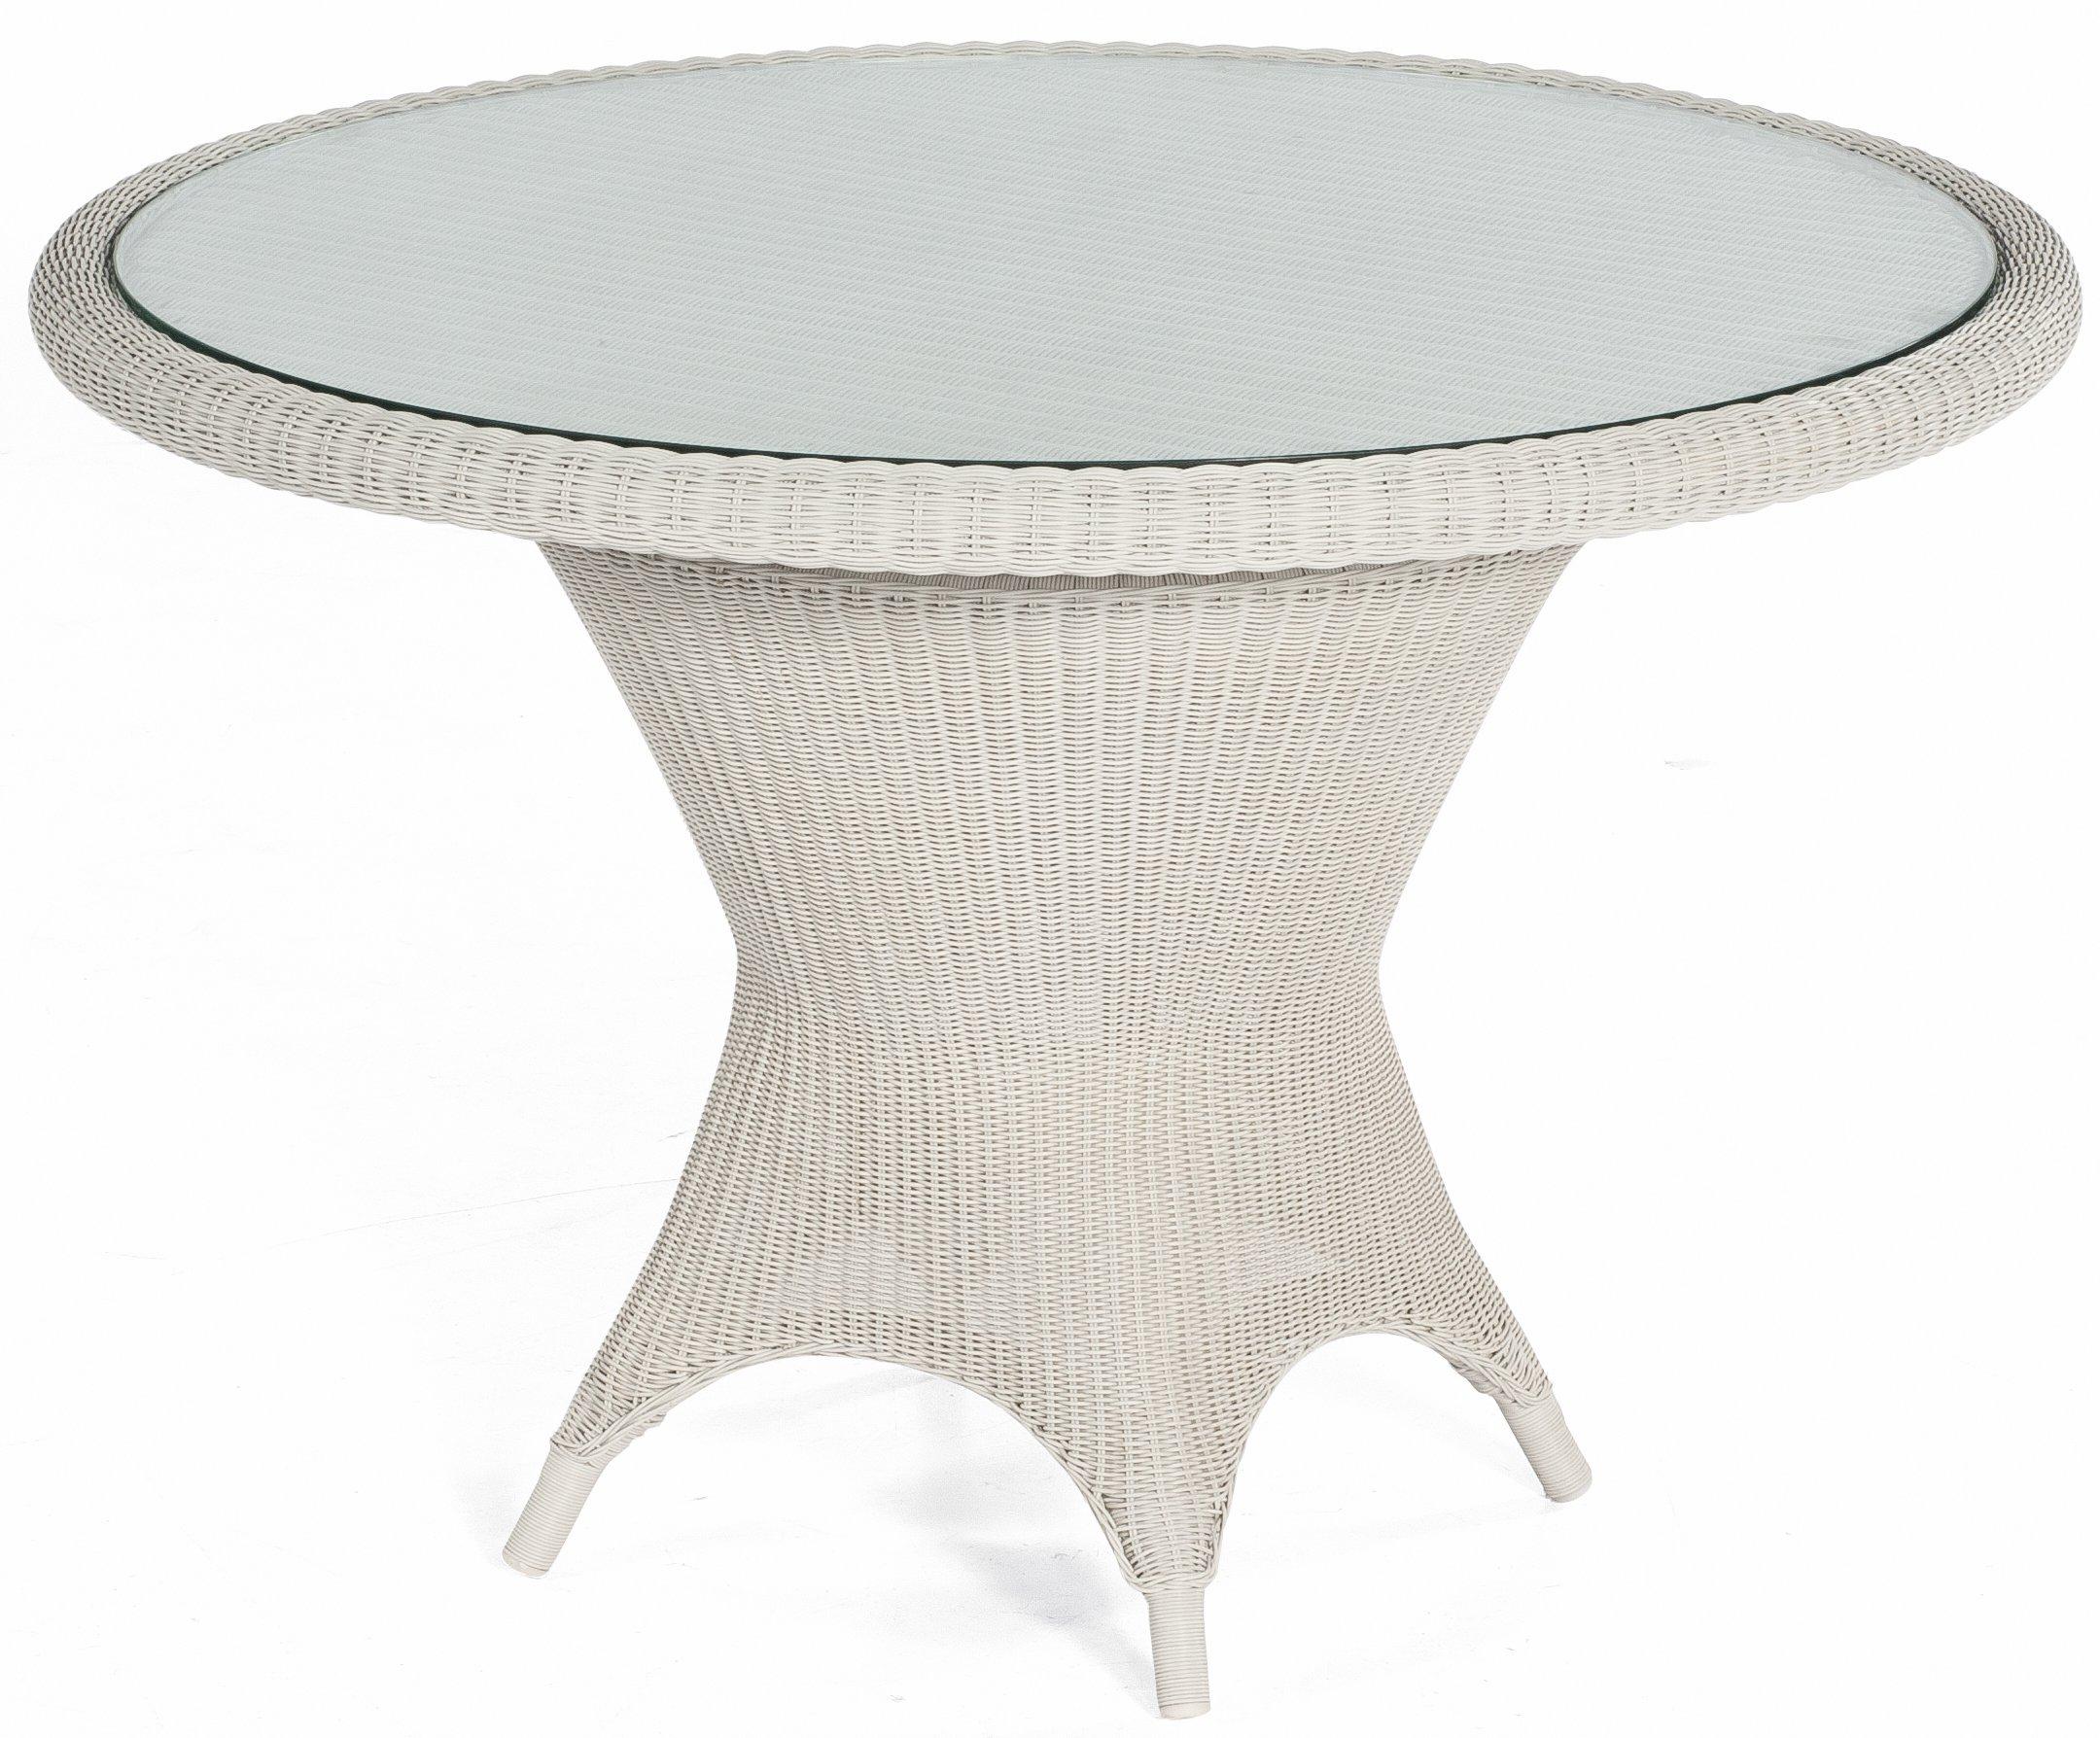 Wetterfester Weisser Geflecht Gartentisch Mit Runder Klarglas Tischplatte